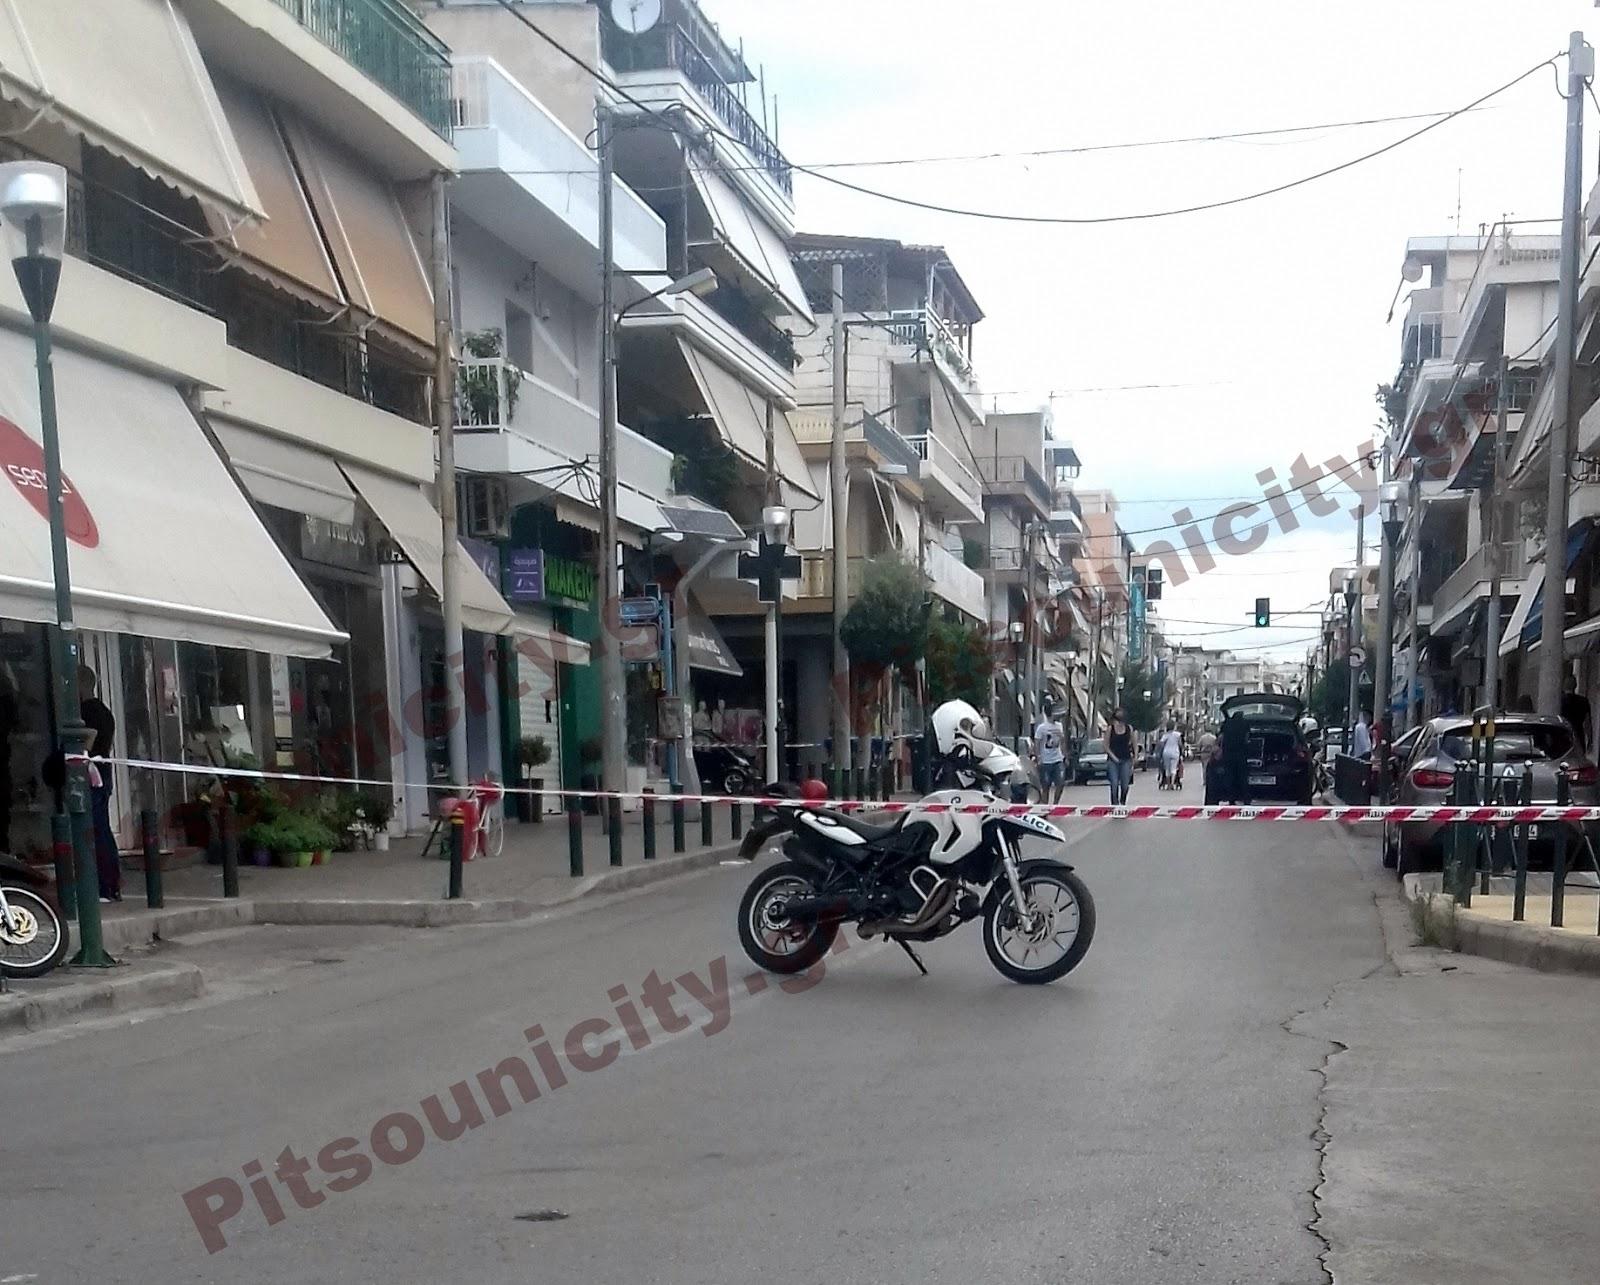 Πιστολιές έπεσαν μεταξύ δυοαλλοδαπών ομάδων (Ρώσων και Αλβανών) 6eda469a986